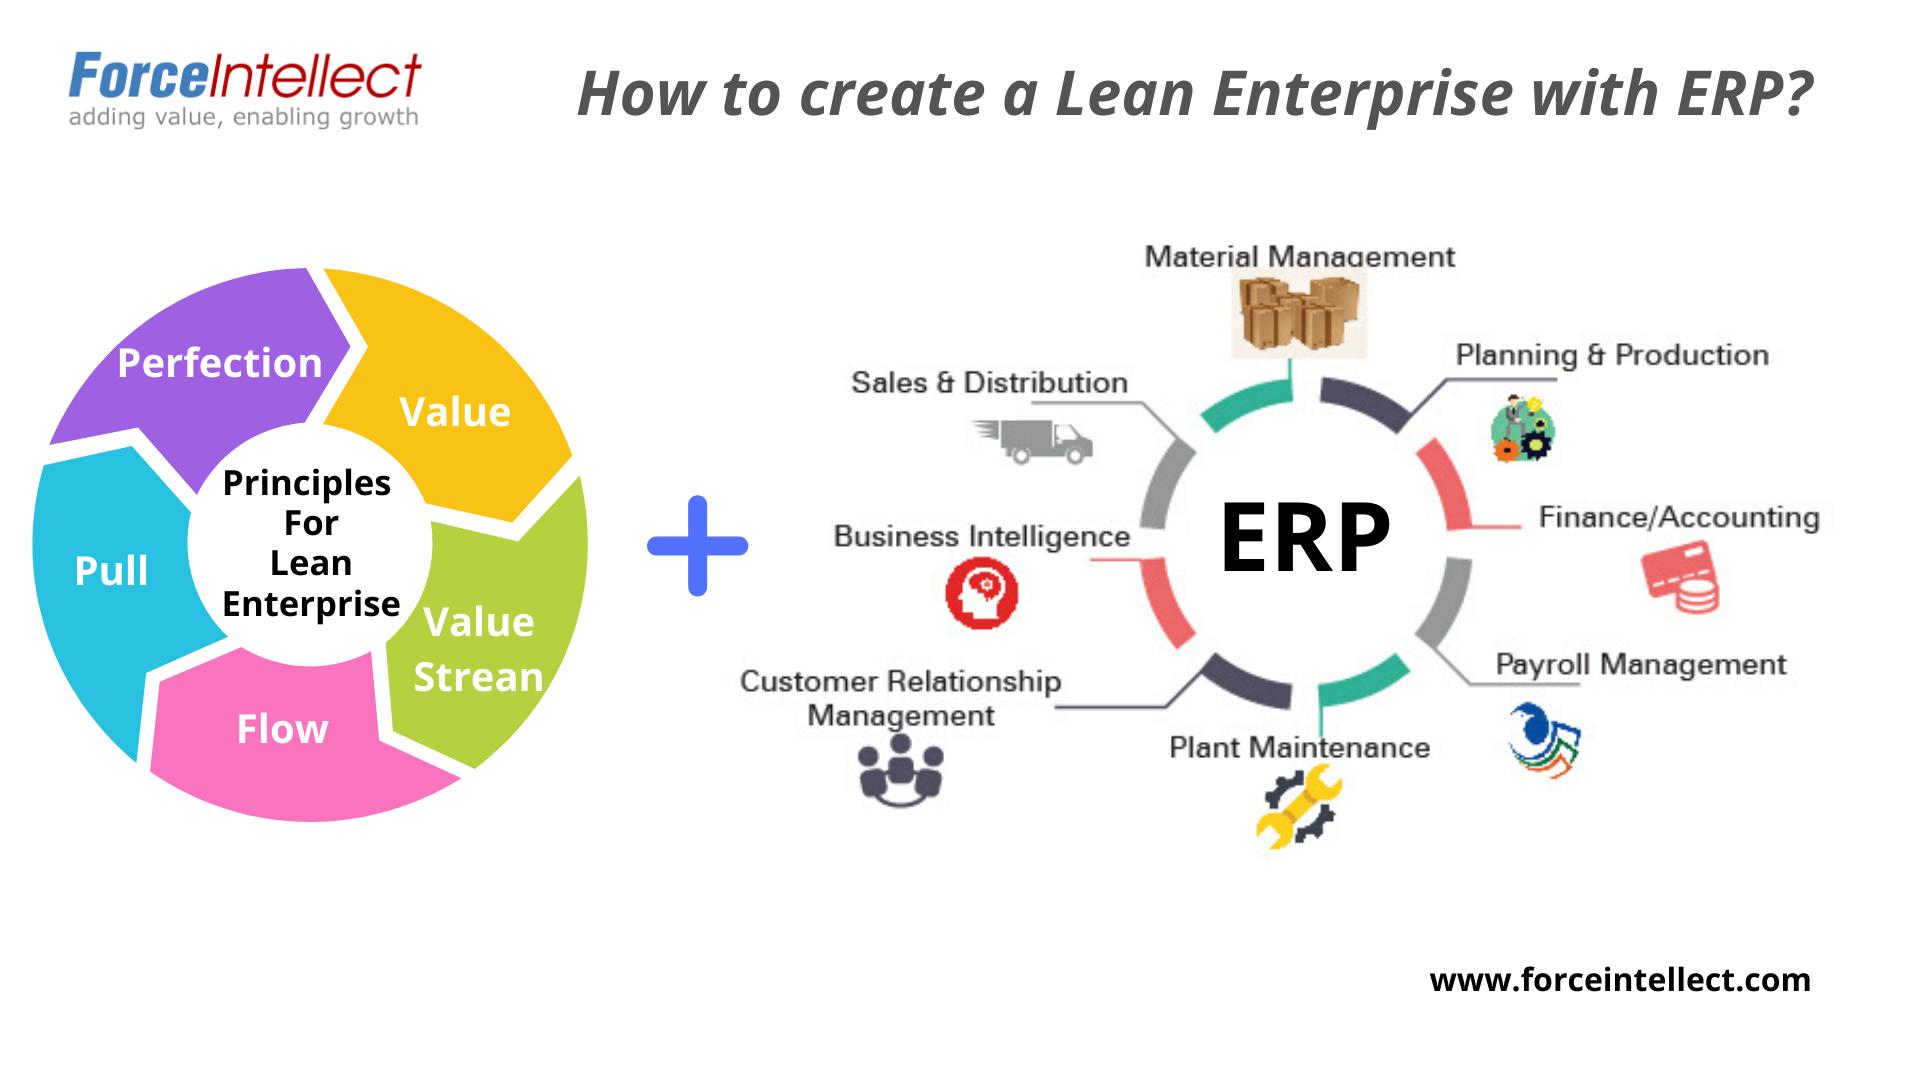 How To Create A Lean Enterprise With Erp Lean Enterprise Enterprise Value Enterprise